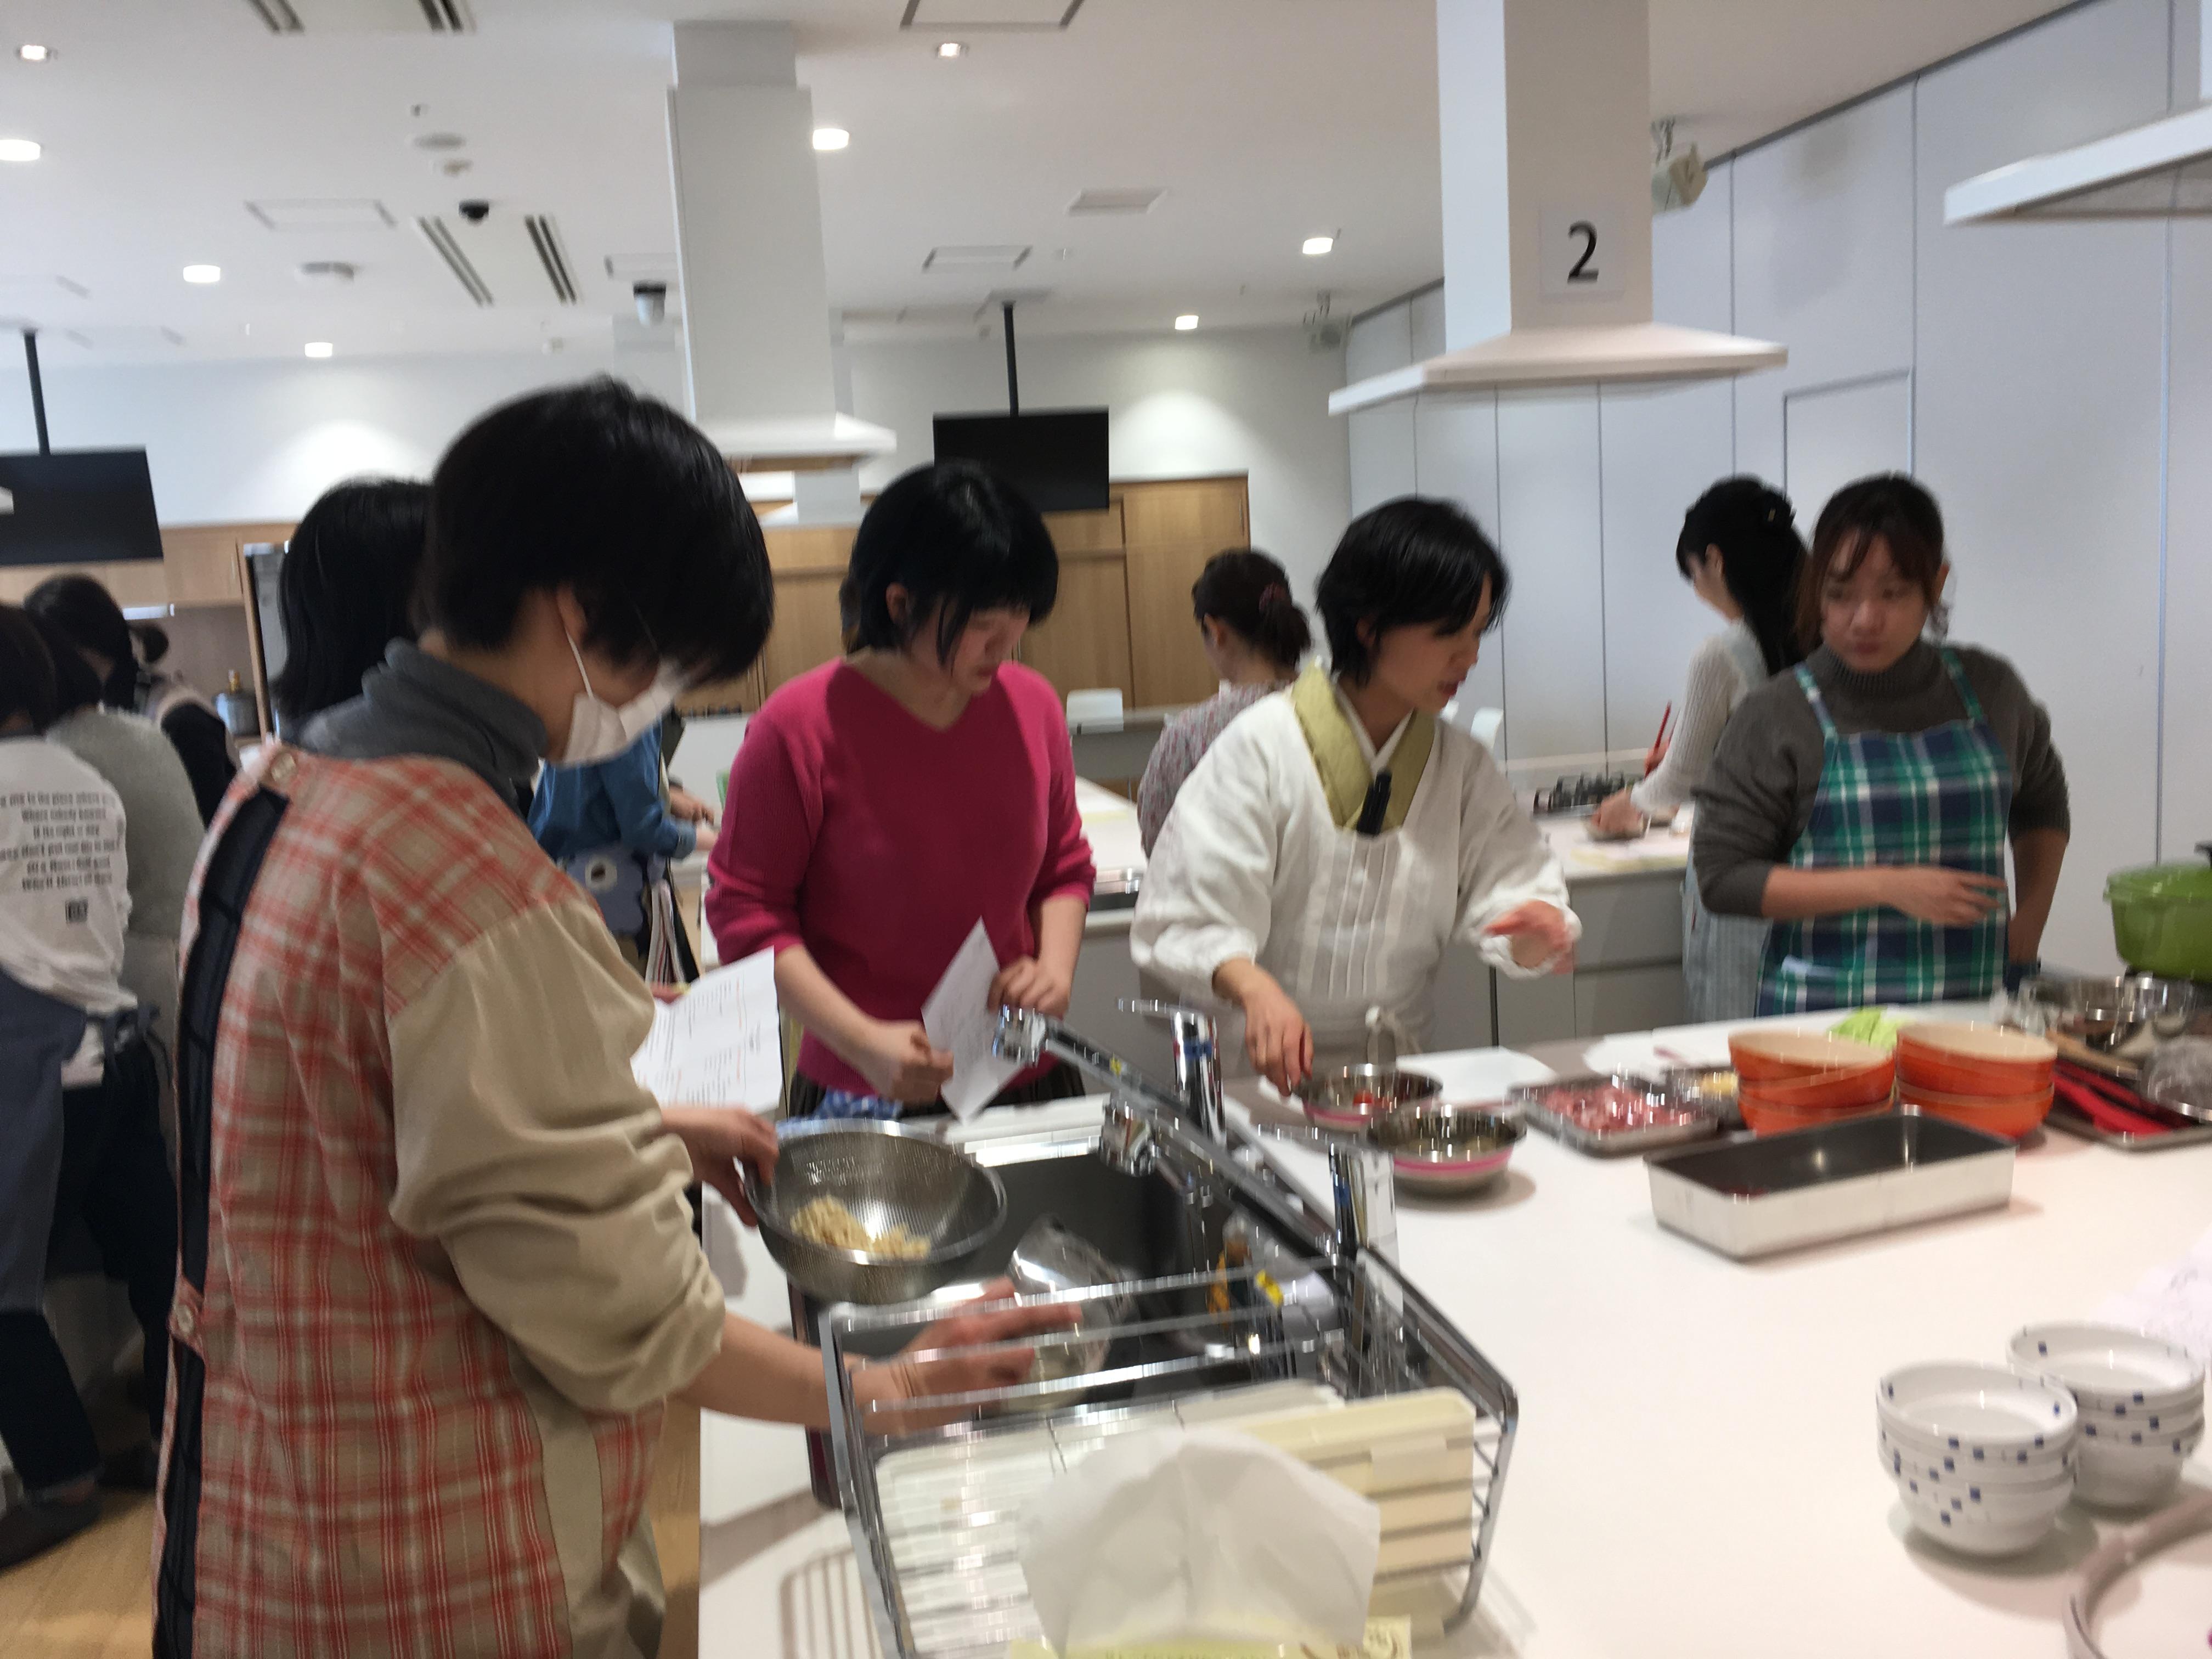 【編集部ブログ<OSAKA>】みそ汁って奥が深い! 2月17日に、みそ汁&みそ玉の料理教室を実施しました